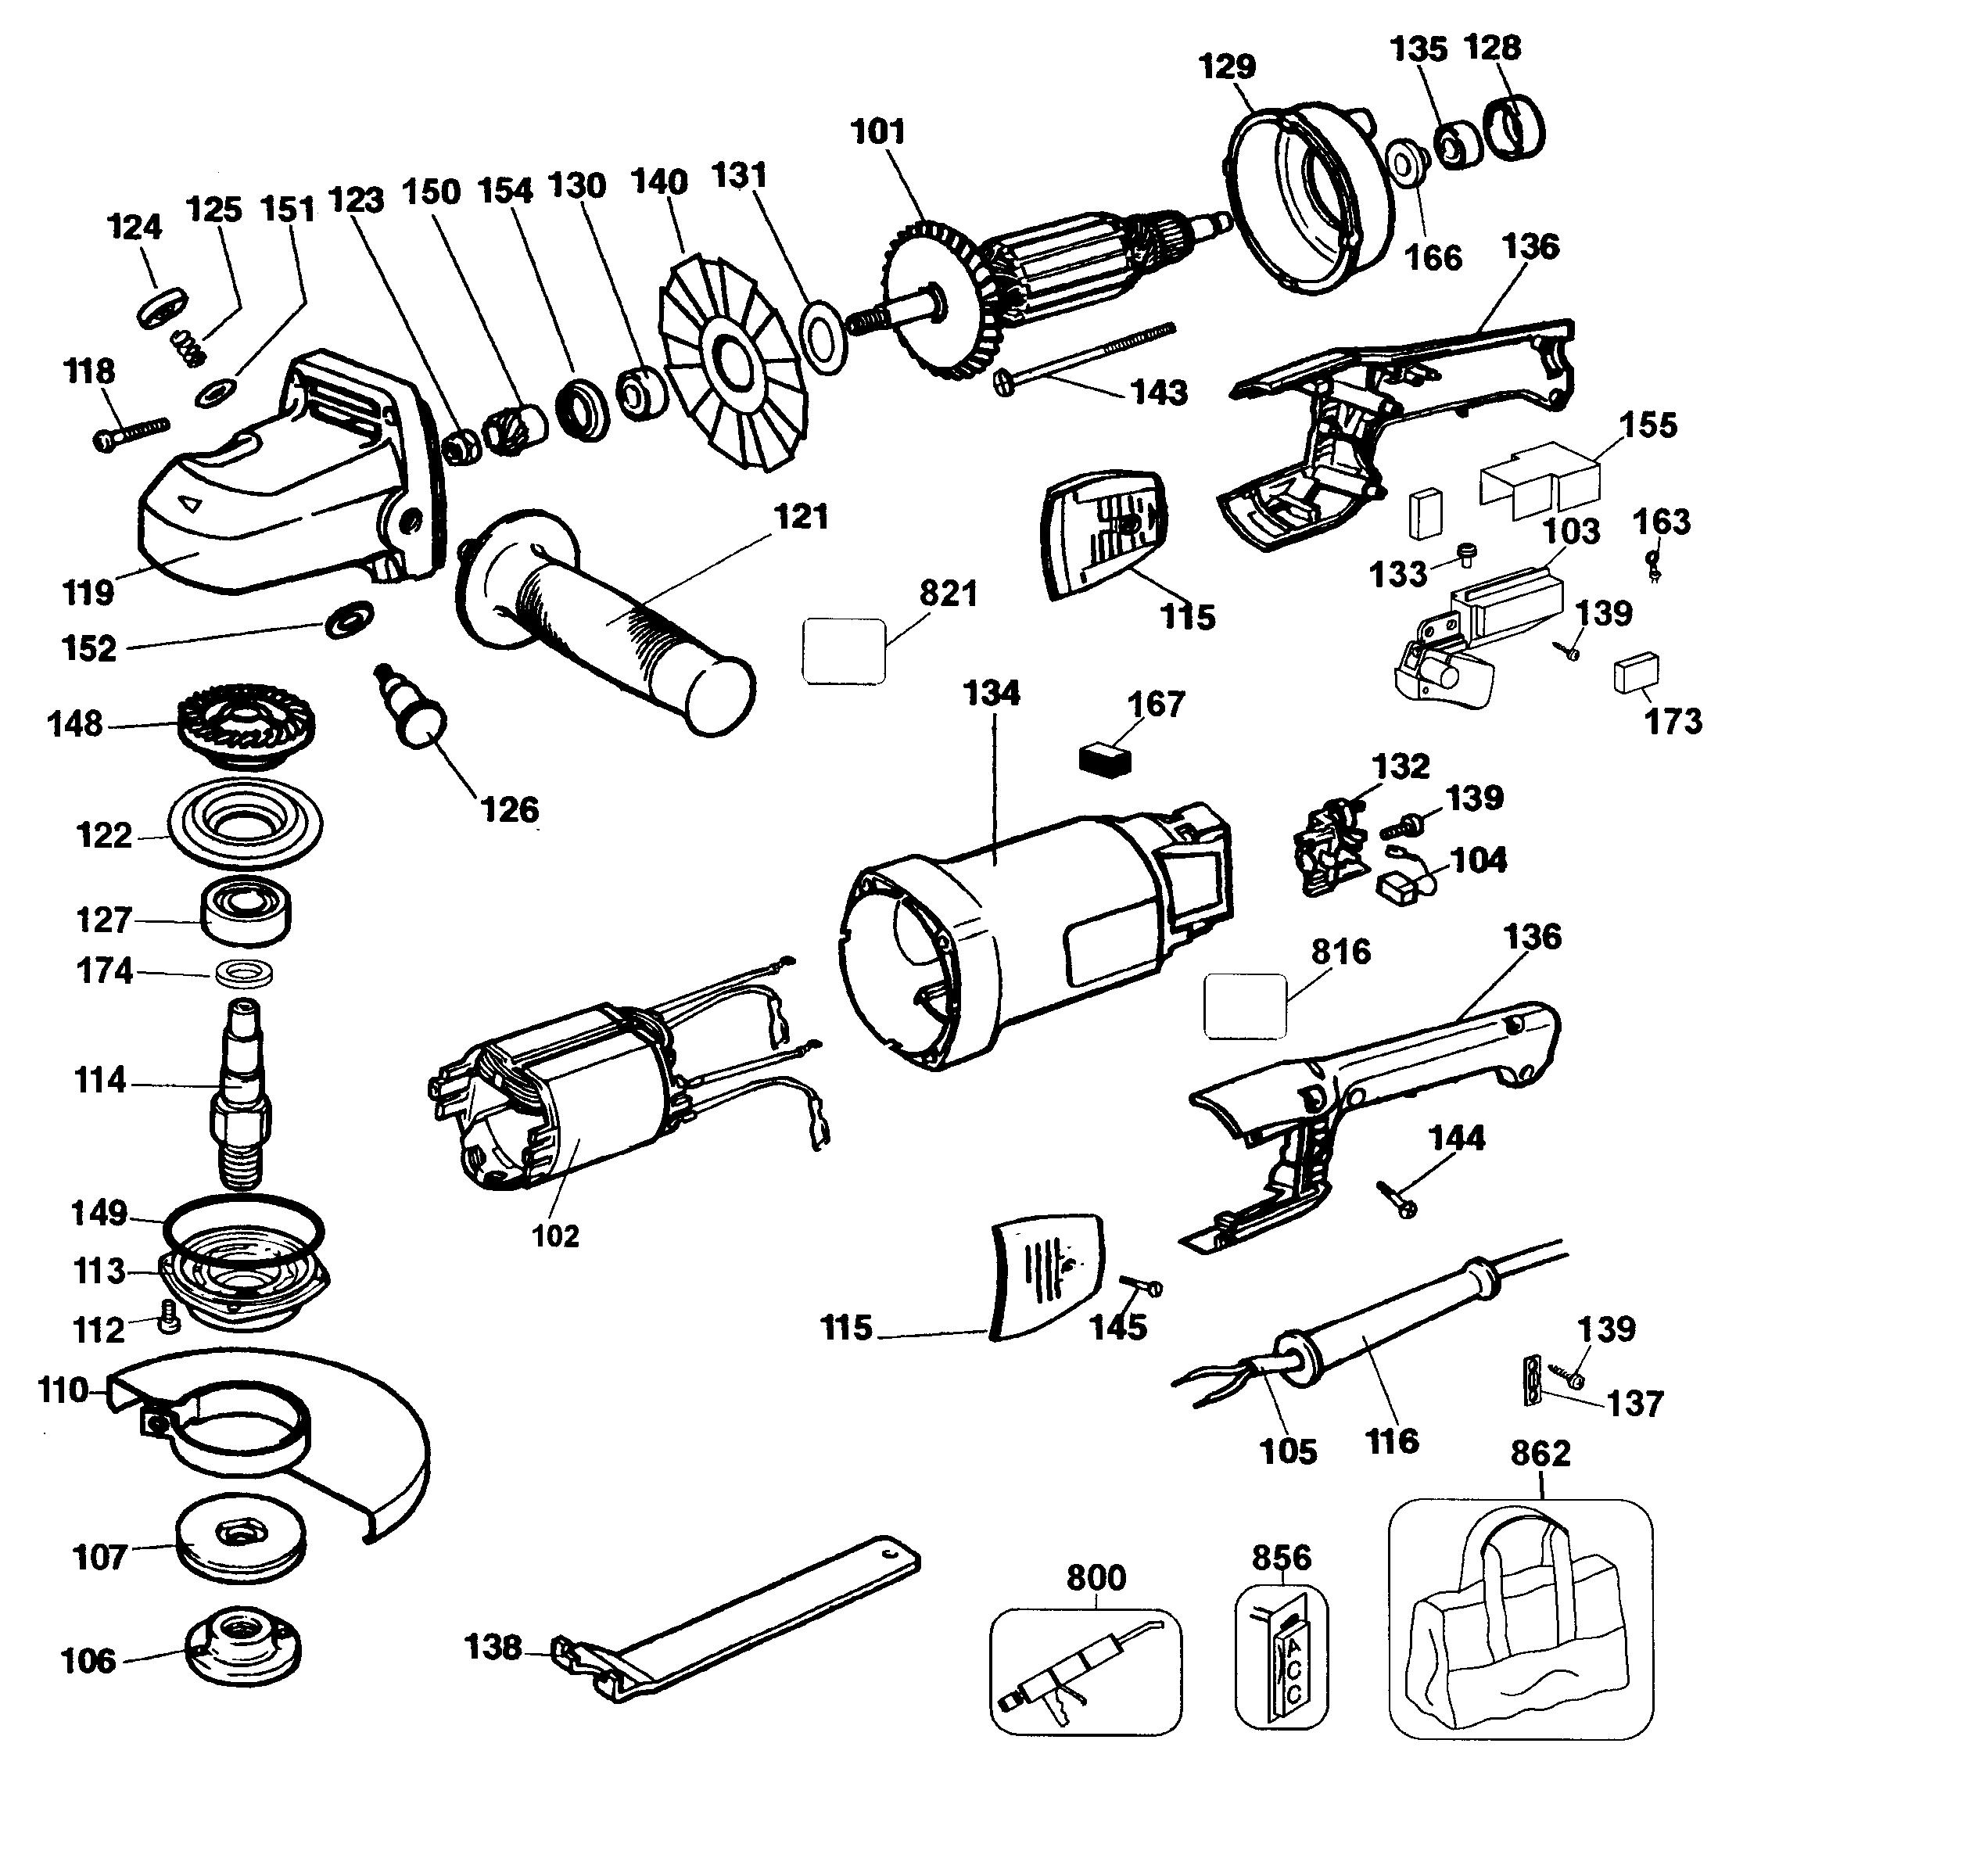 Dewalt model DW840 TYPE 2 grinder angle genuine parts